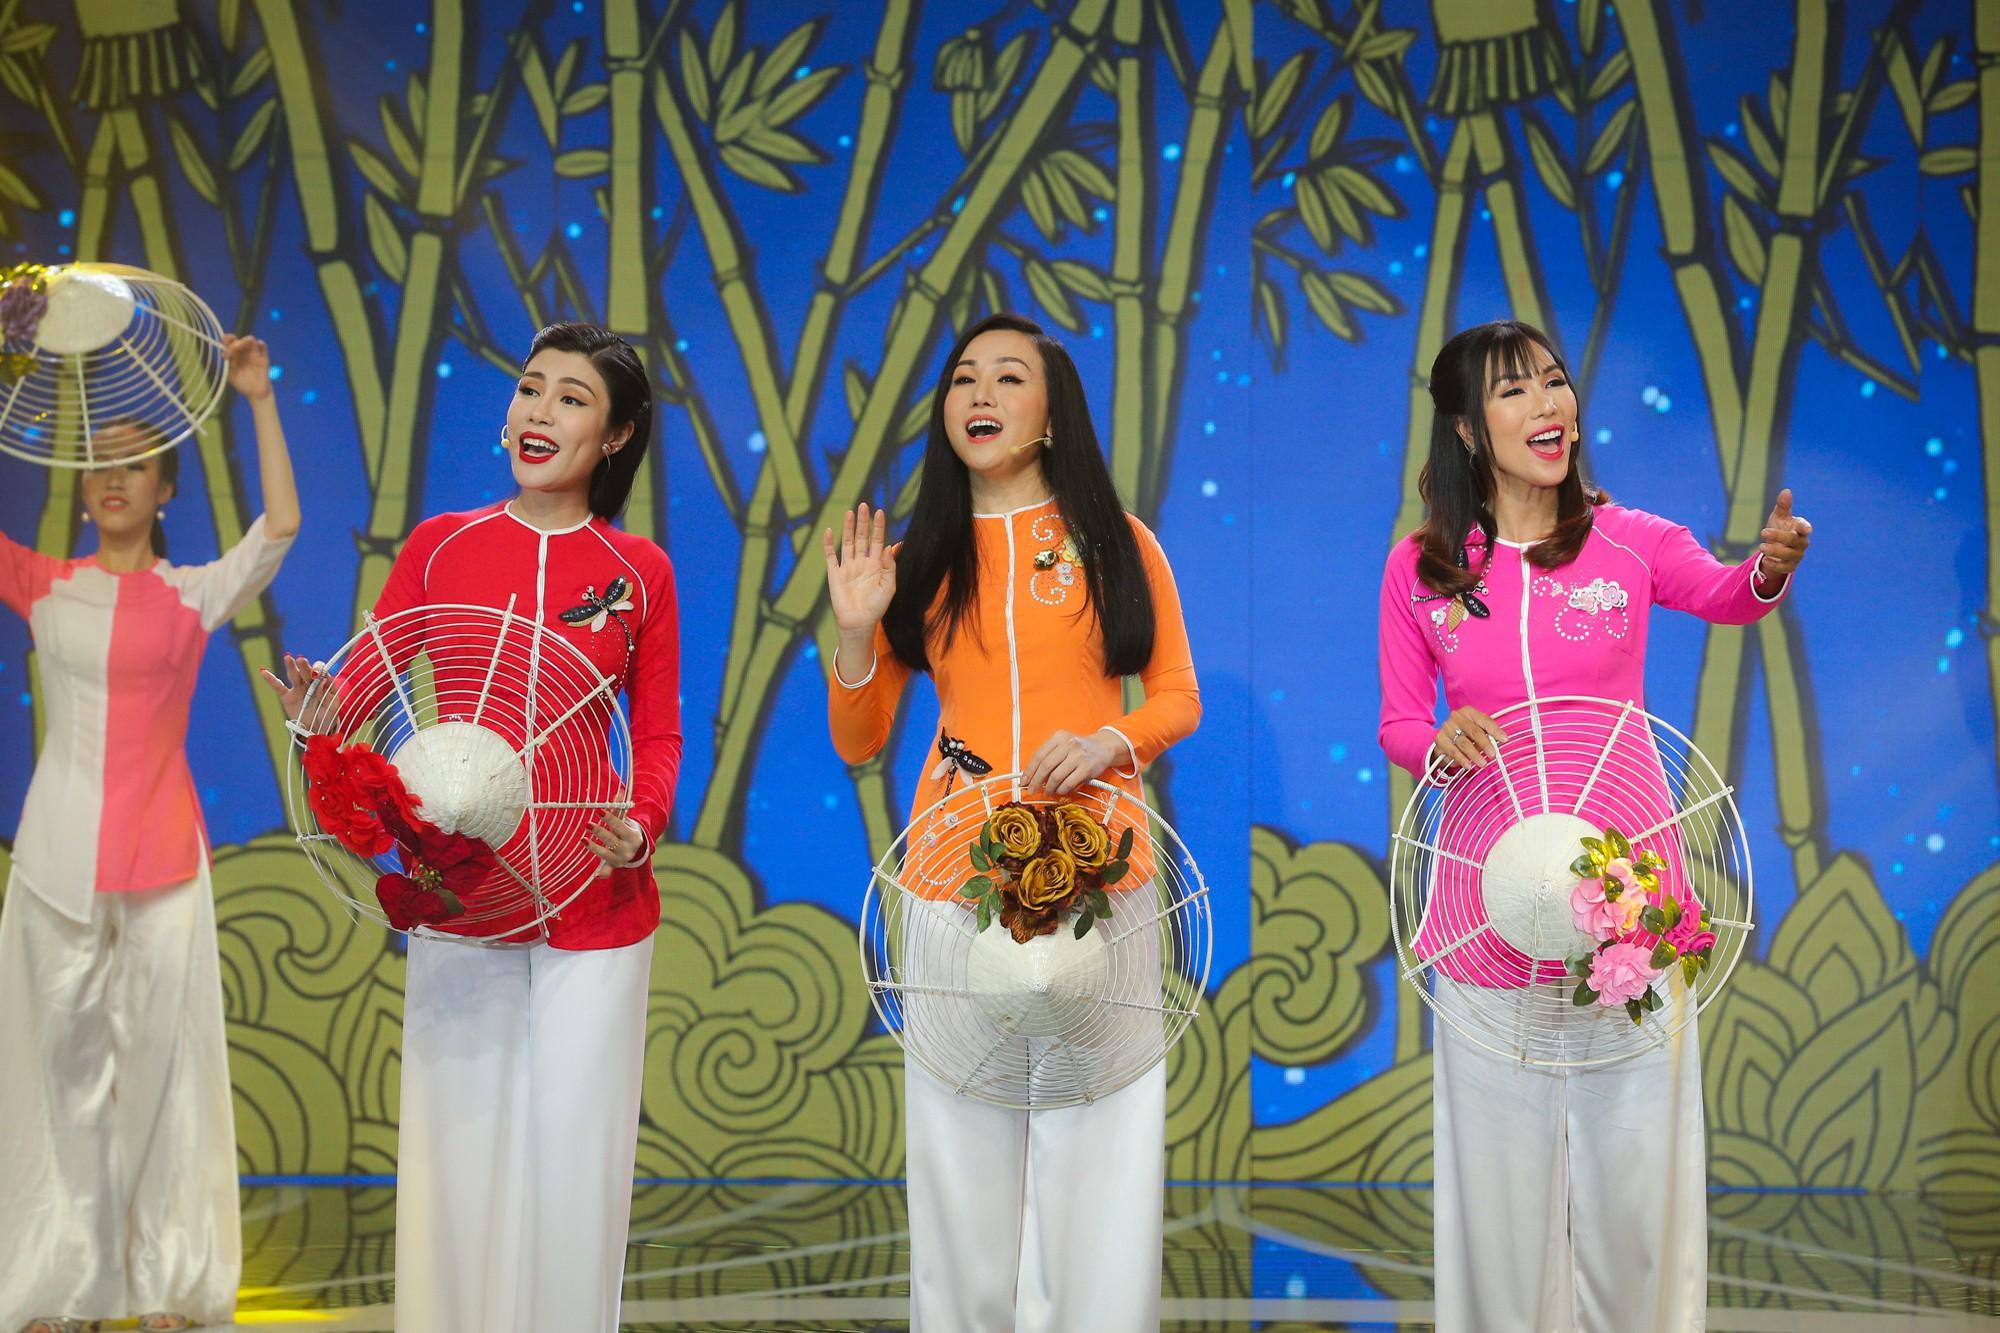 Hồ Ngọc Hà, Noo Phước Thịnh cùng hơn 30 nghệ sĩ Vpop đồng loạt quy tụ trong chương trình nhạc Xuân rộn ràng - Ảnh 12.